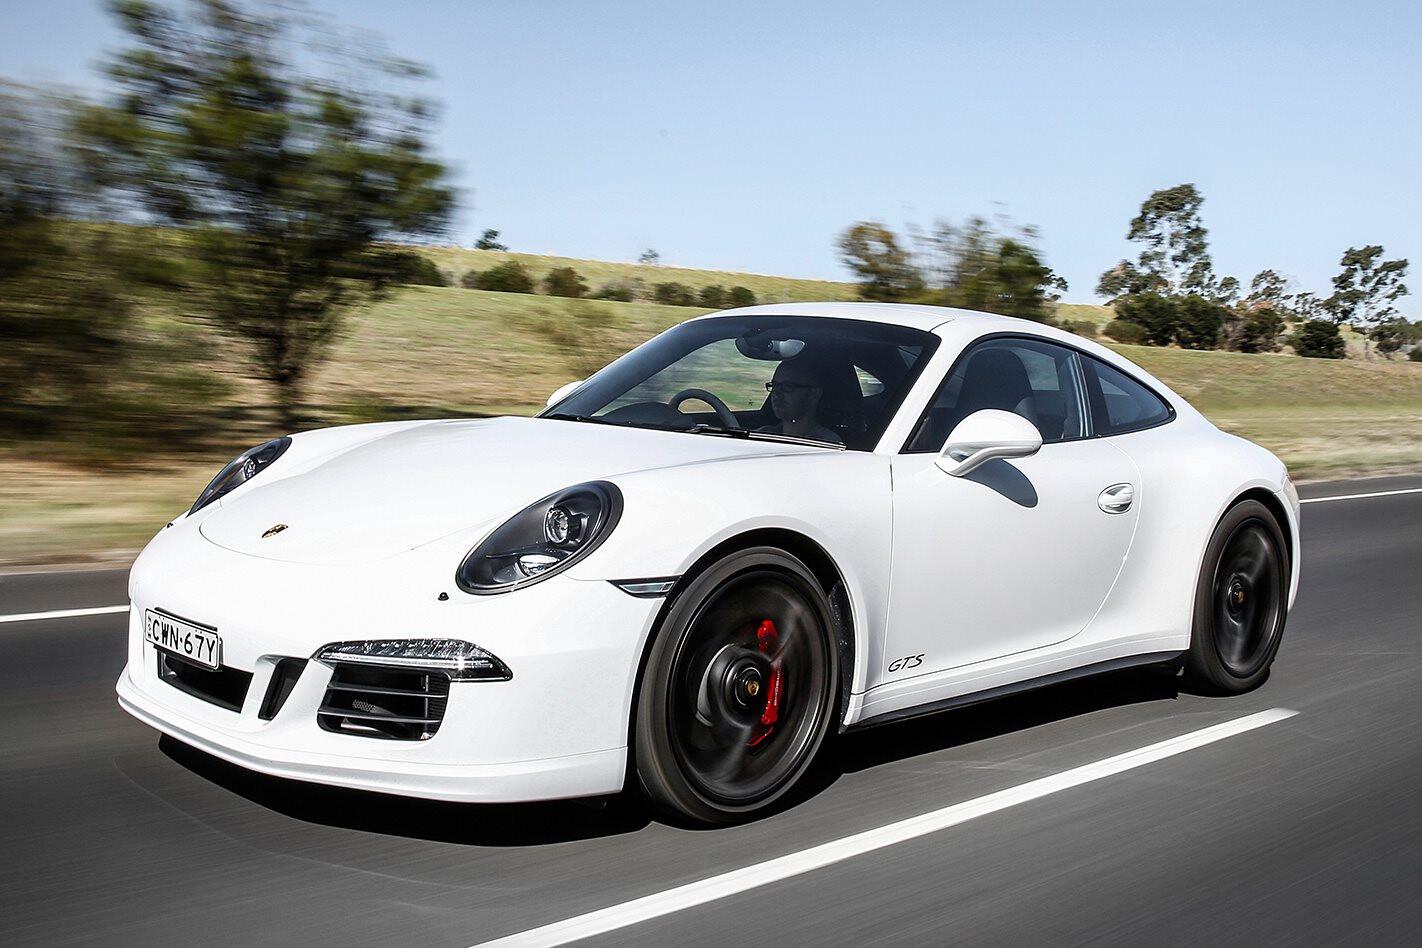 Porsche 911 GTS review